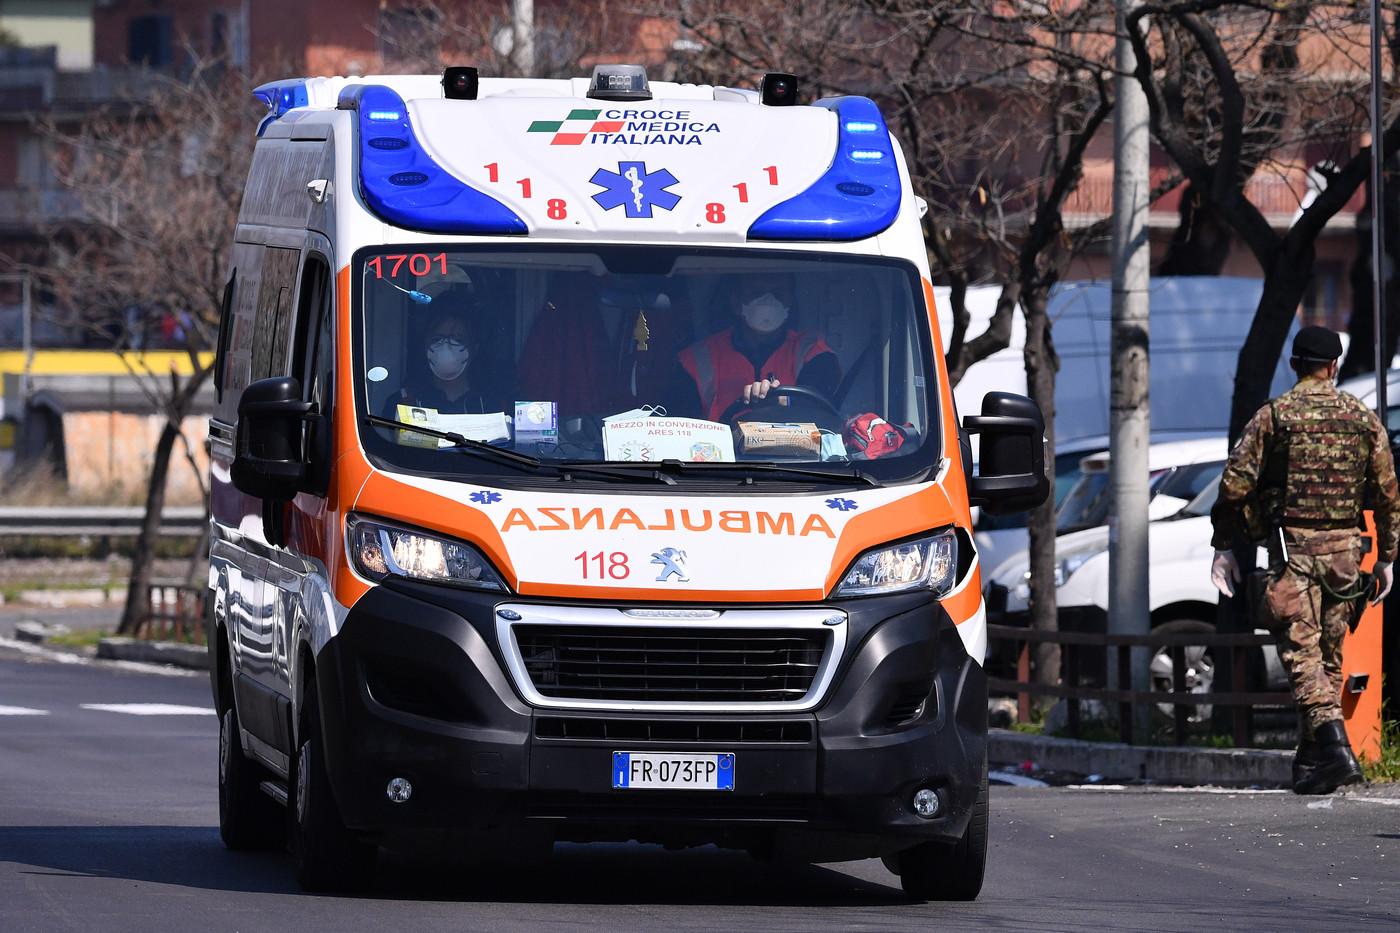 Morti sul lavoro, un uomo schiacciato tra due lastre di marmo a Pietrasanta